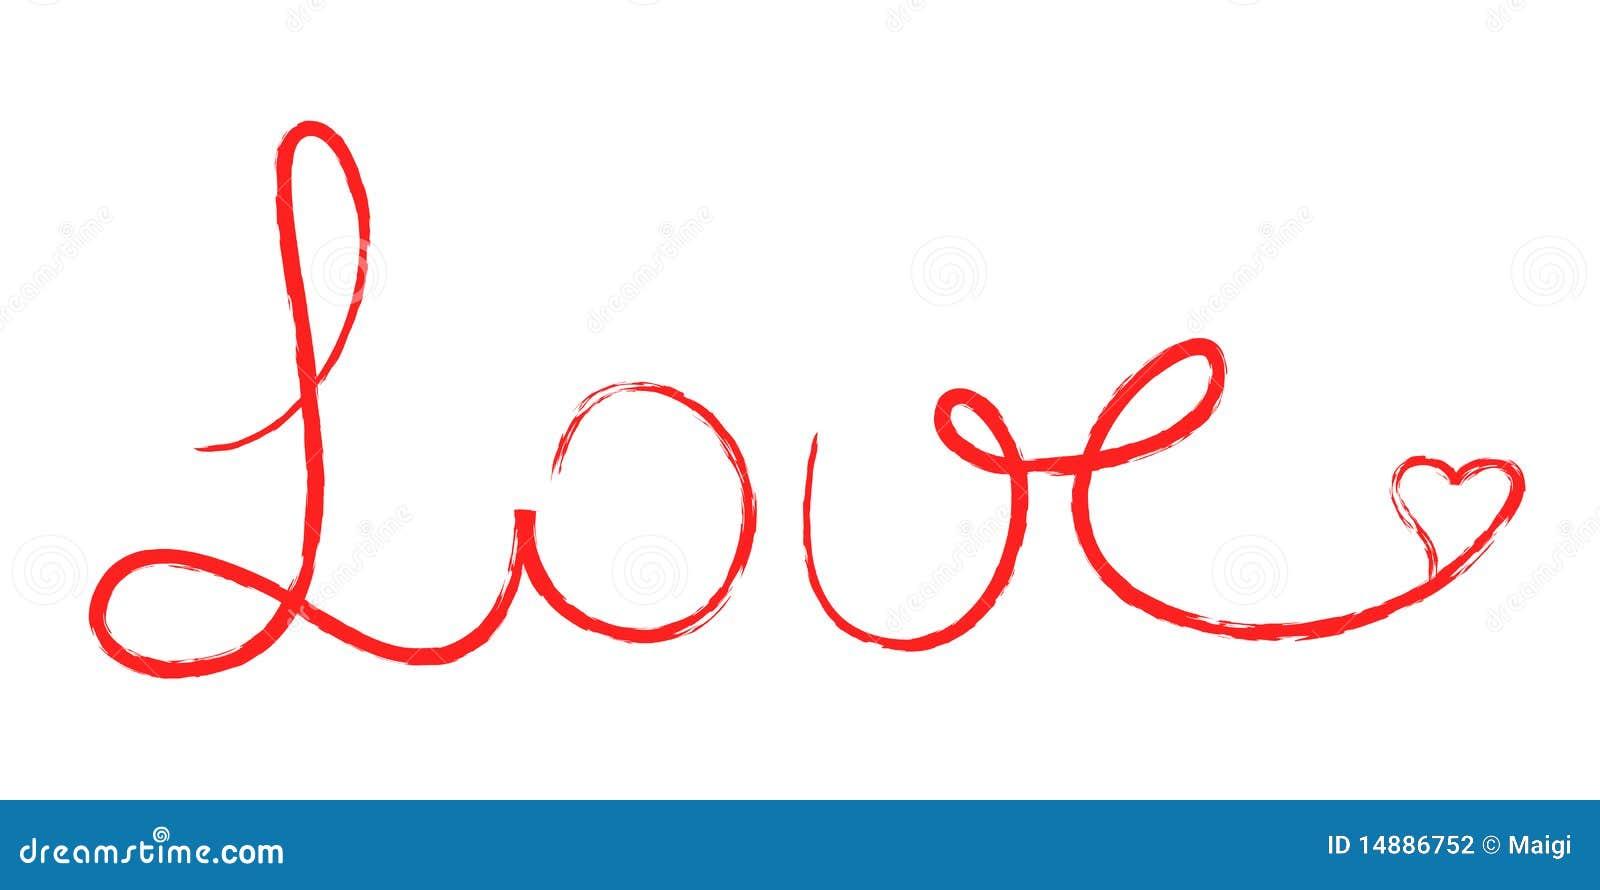 Te Amo Escrito En La Arena Imagen De Archivo Imagen De: Amor Escrito Fotografía De Archivo